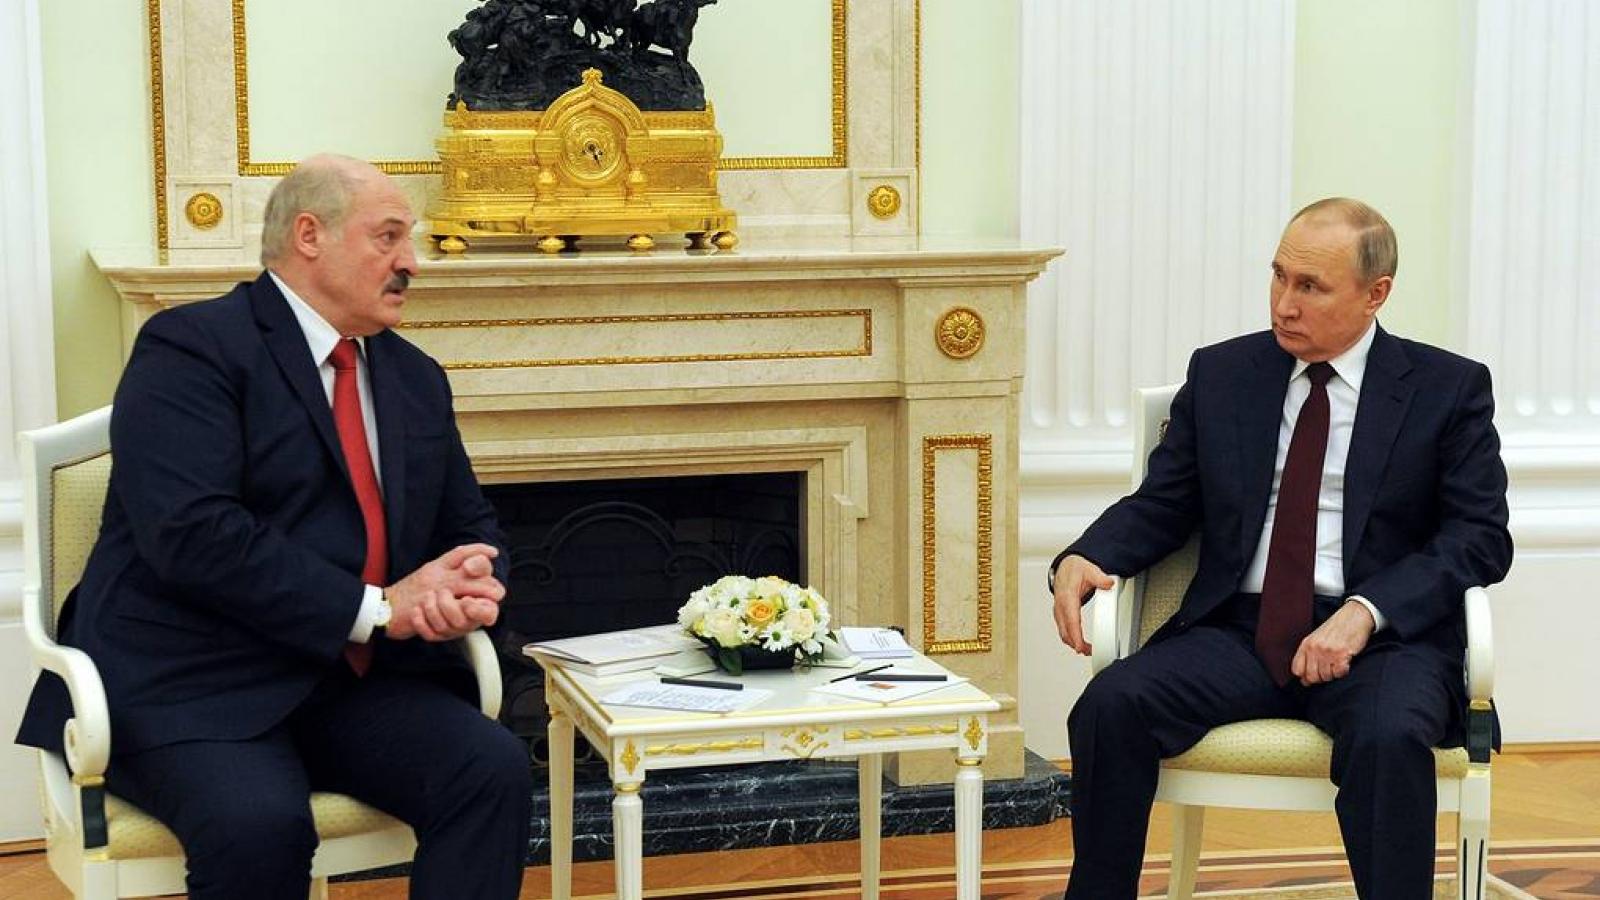 Các nhà lãnh đạo Nga và Belarus thảo luận về phát triển hợp tác kinh tế - thương mại